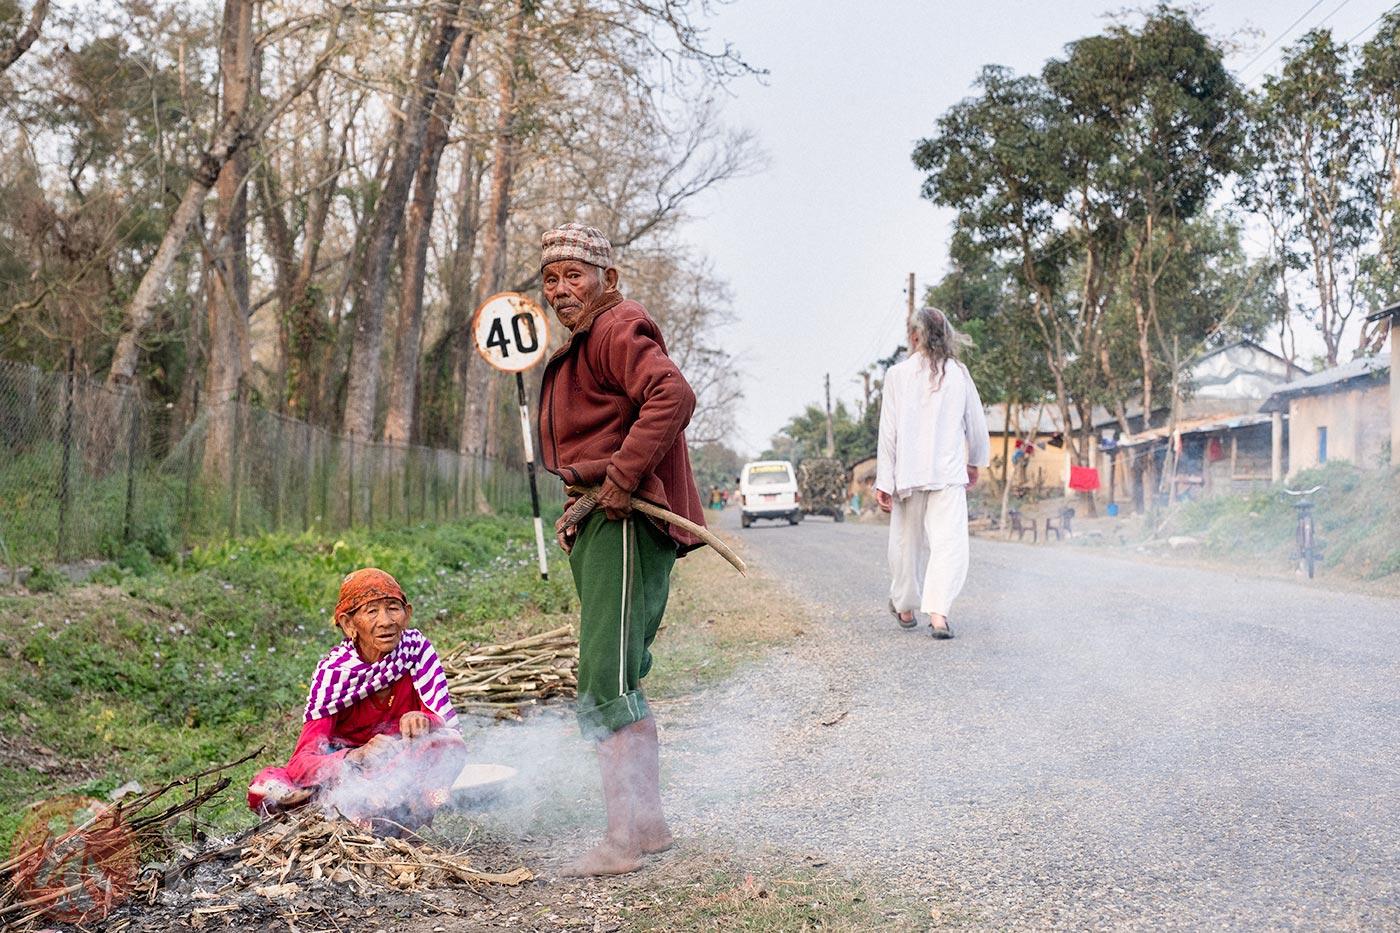 La crónica cósmica. Movida: extender mi visado nepalés